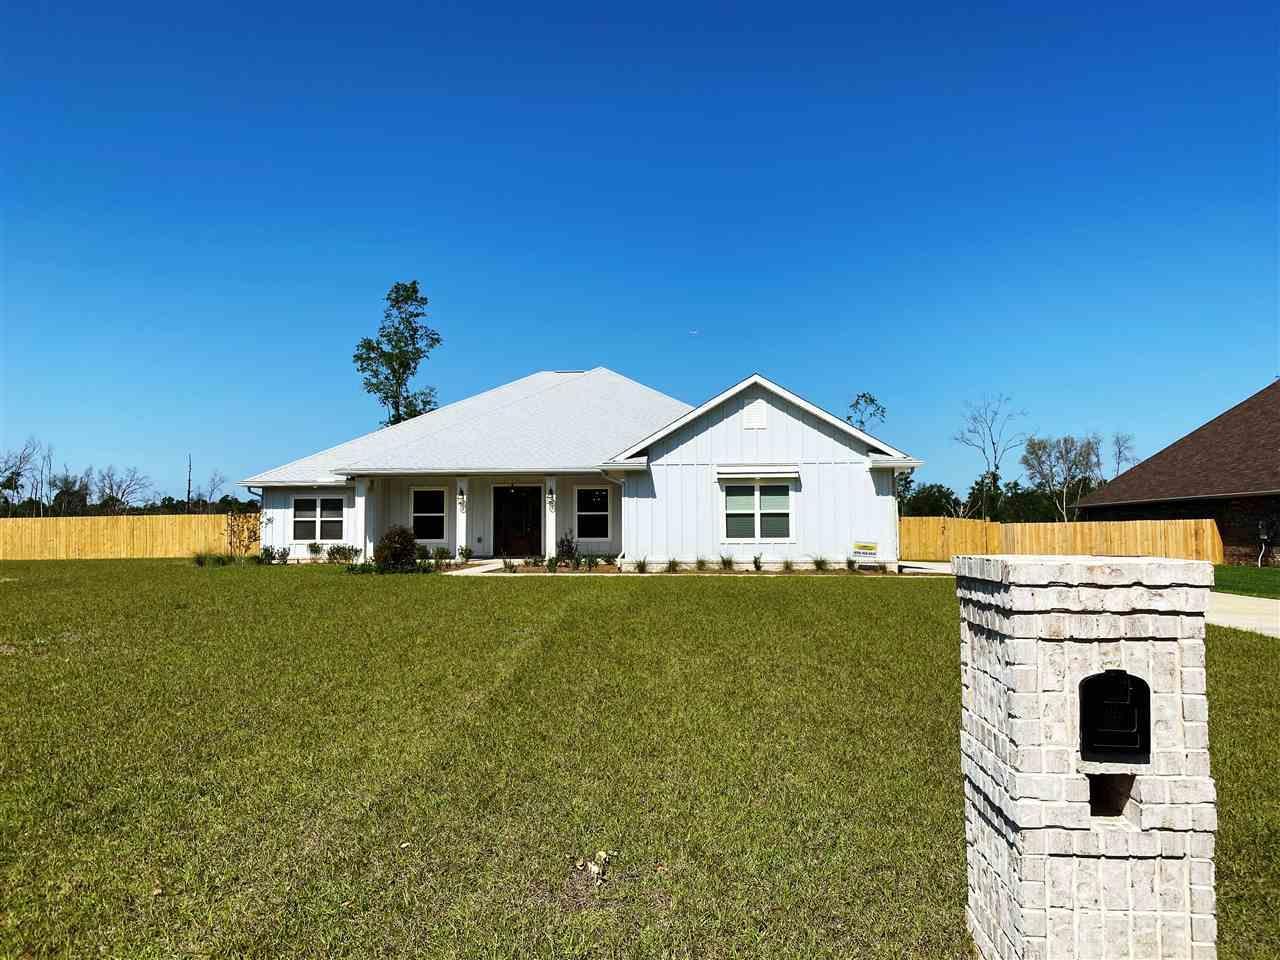 6547 Old Florida Ln, Milton, FL 32570